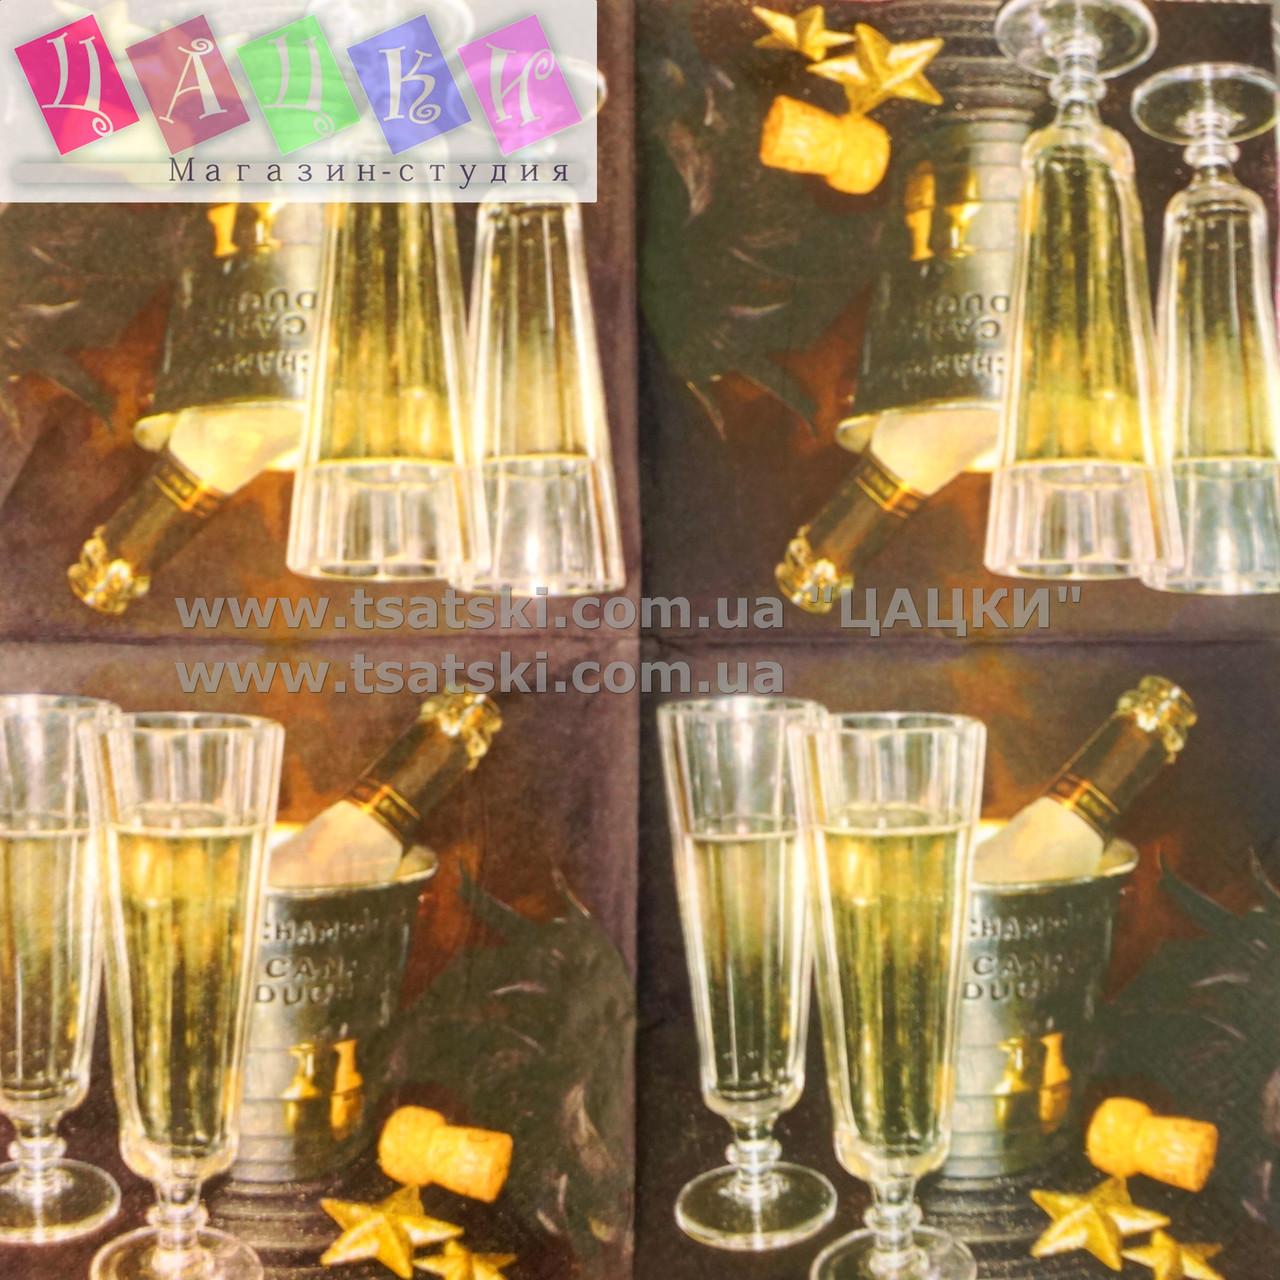 """Салфетка декупажная 33x33см 13 """"Бокалы шампанского вина"""" - магазин-студия Цацки в Чернигове"""